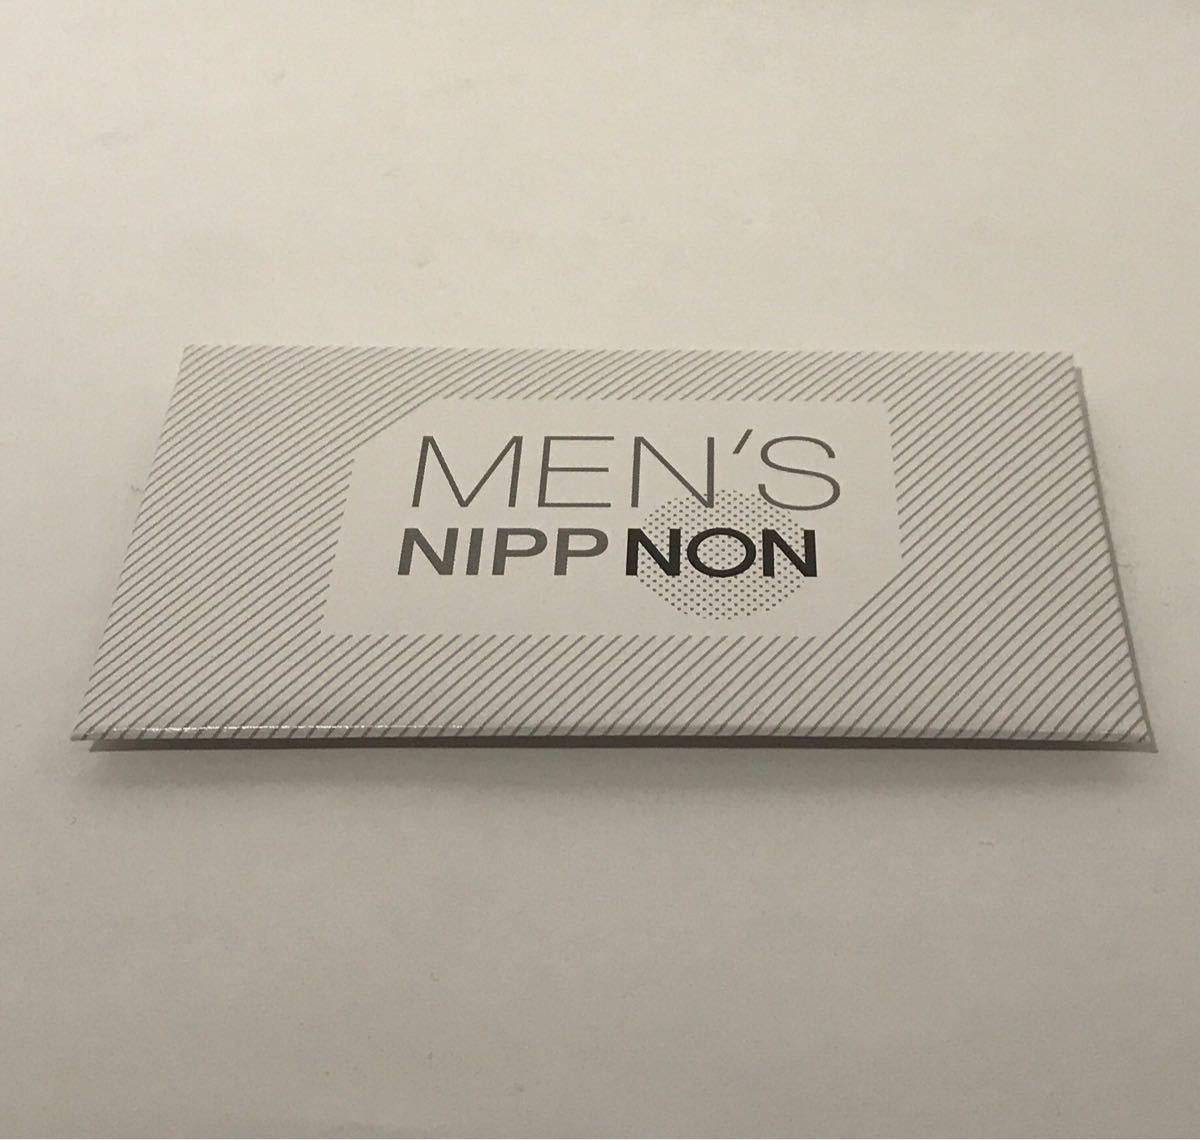 ニップレス メンズ 男性用 ニップノン 【36枚】 12枚入(6セット)×3個